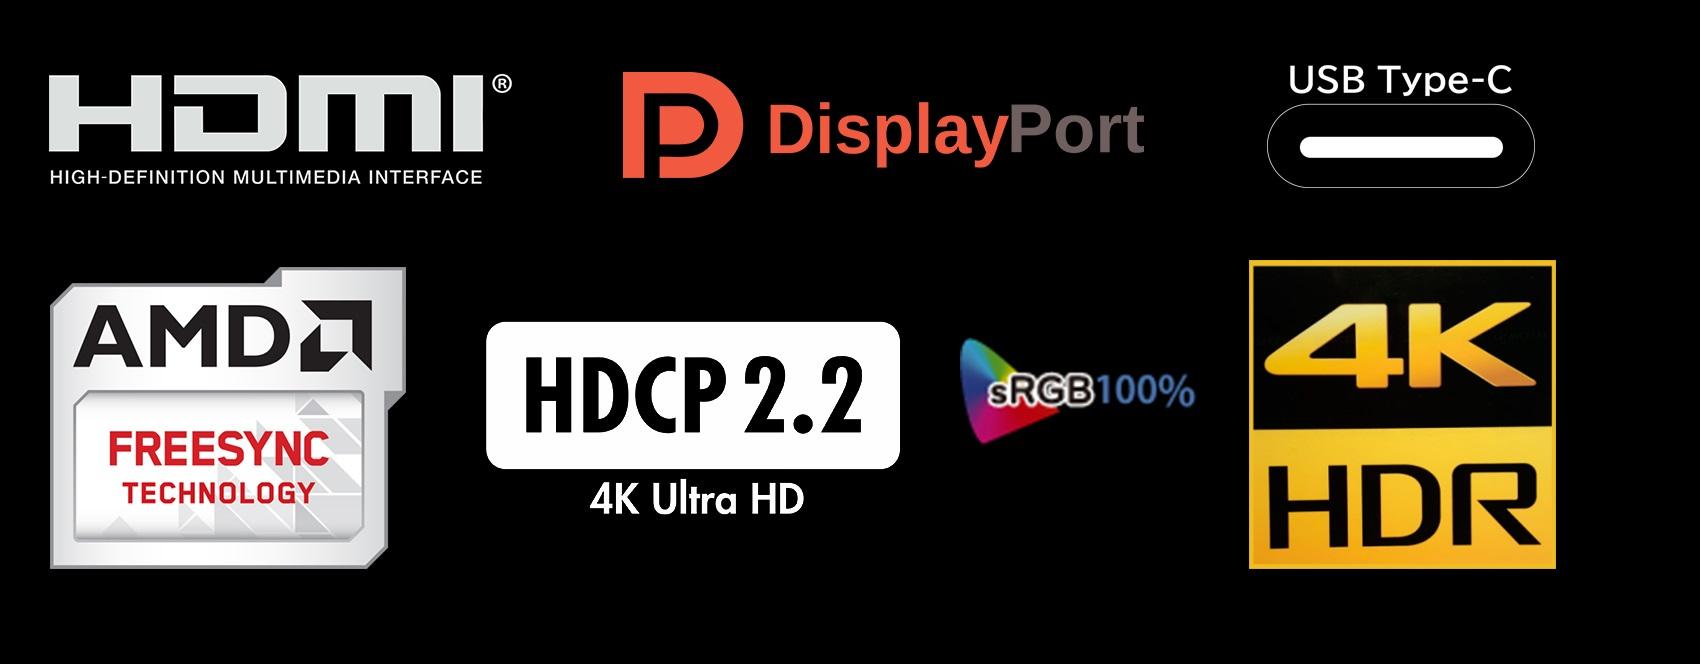 鮮やかな色彩表現AMD FREESYNC 早応答速度角液晶パネル 3840x2160 4K UHD解像度1.07Billion色 srgb 100%対応パネル 省エネ29W